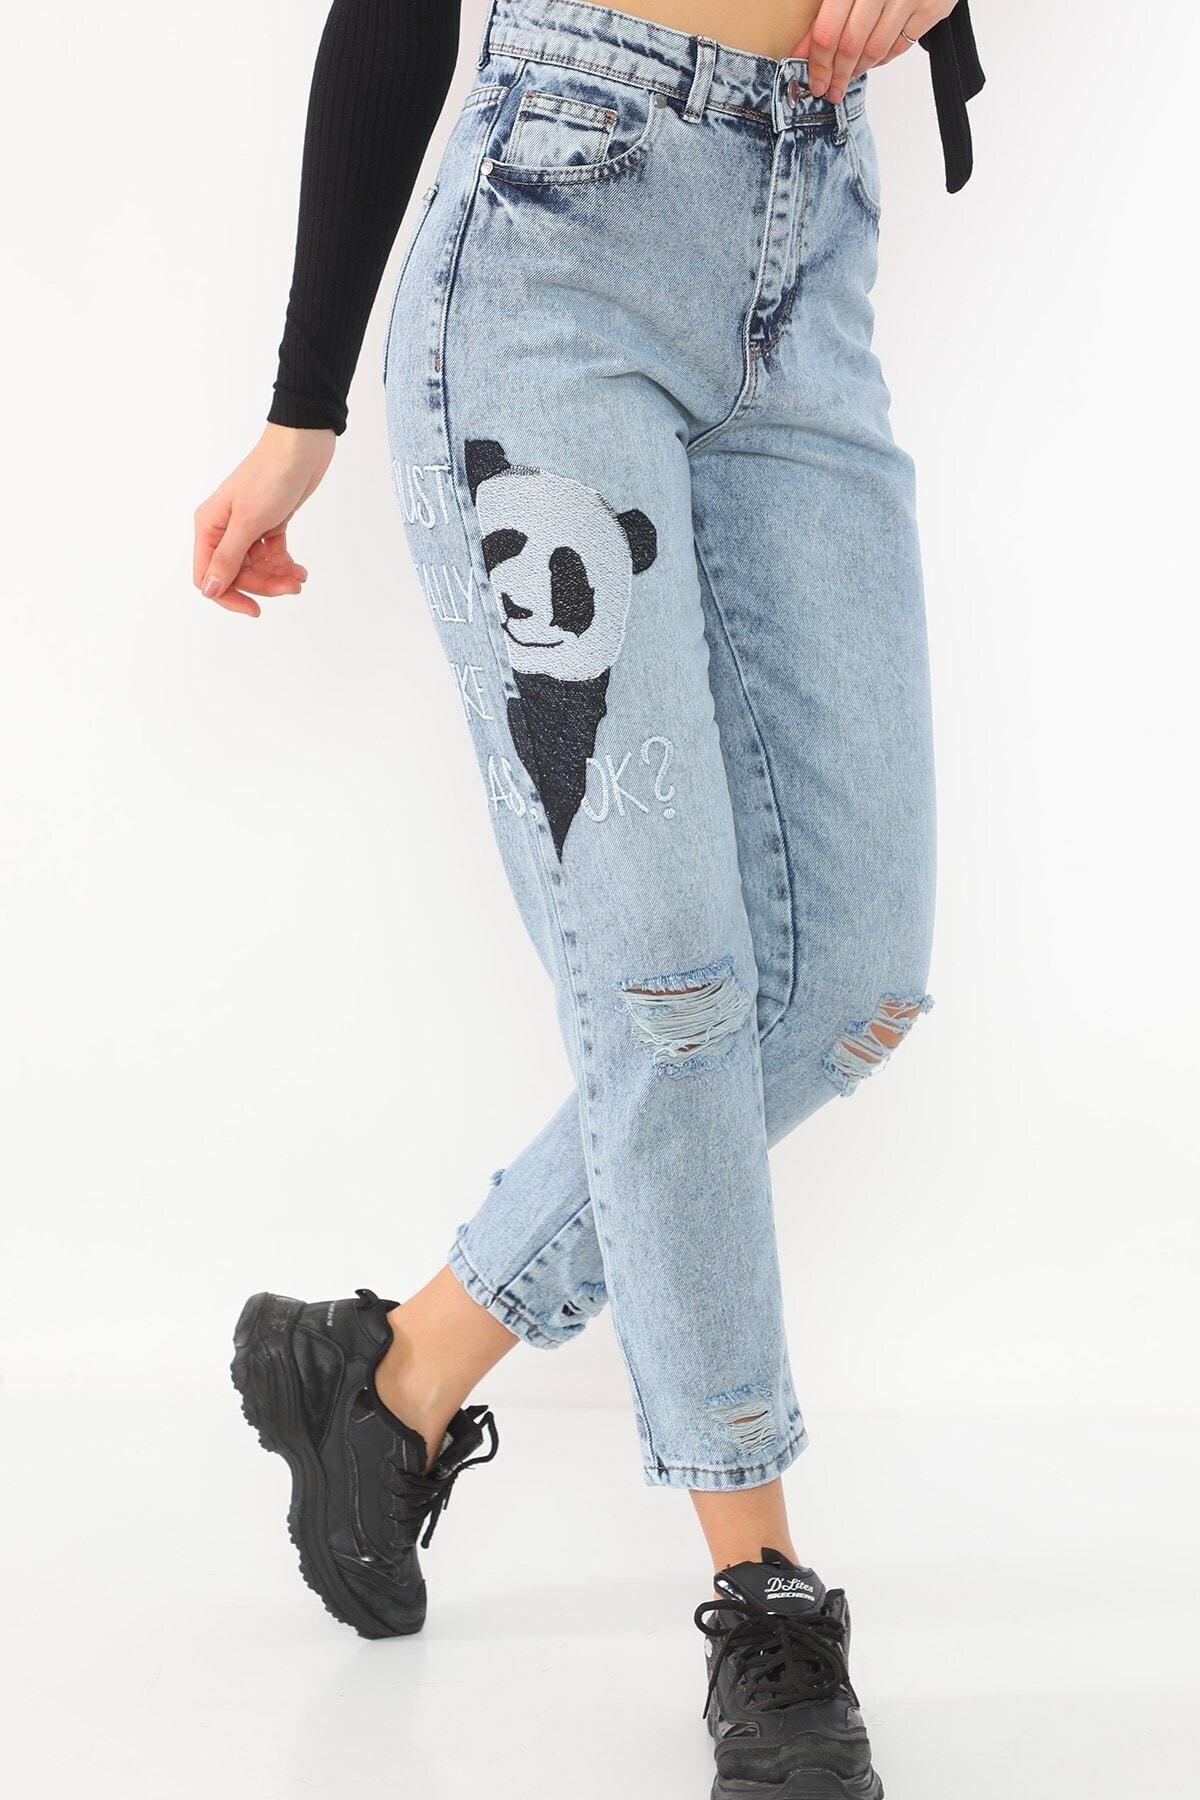 PodiumStar Yüksek Bel Panda Nakışlı Mom Jeans Kot Pantolon 1